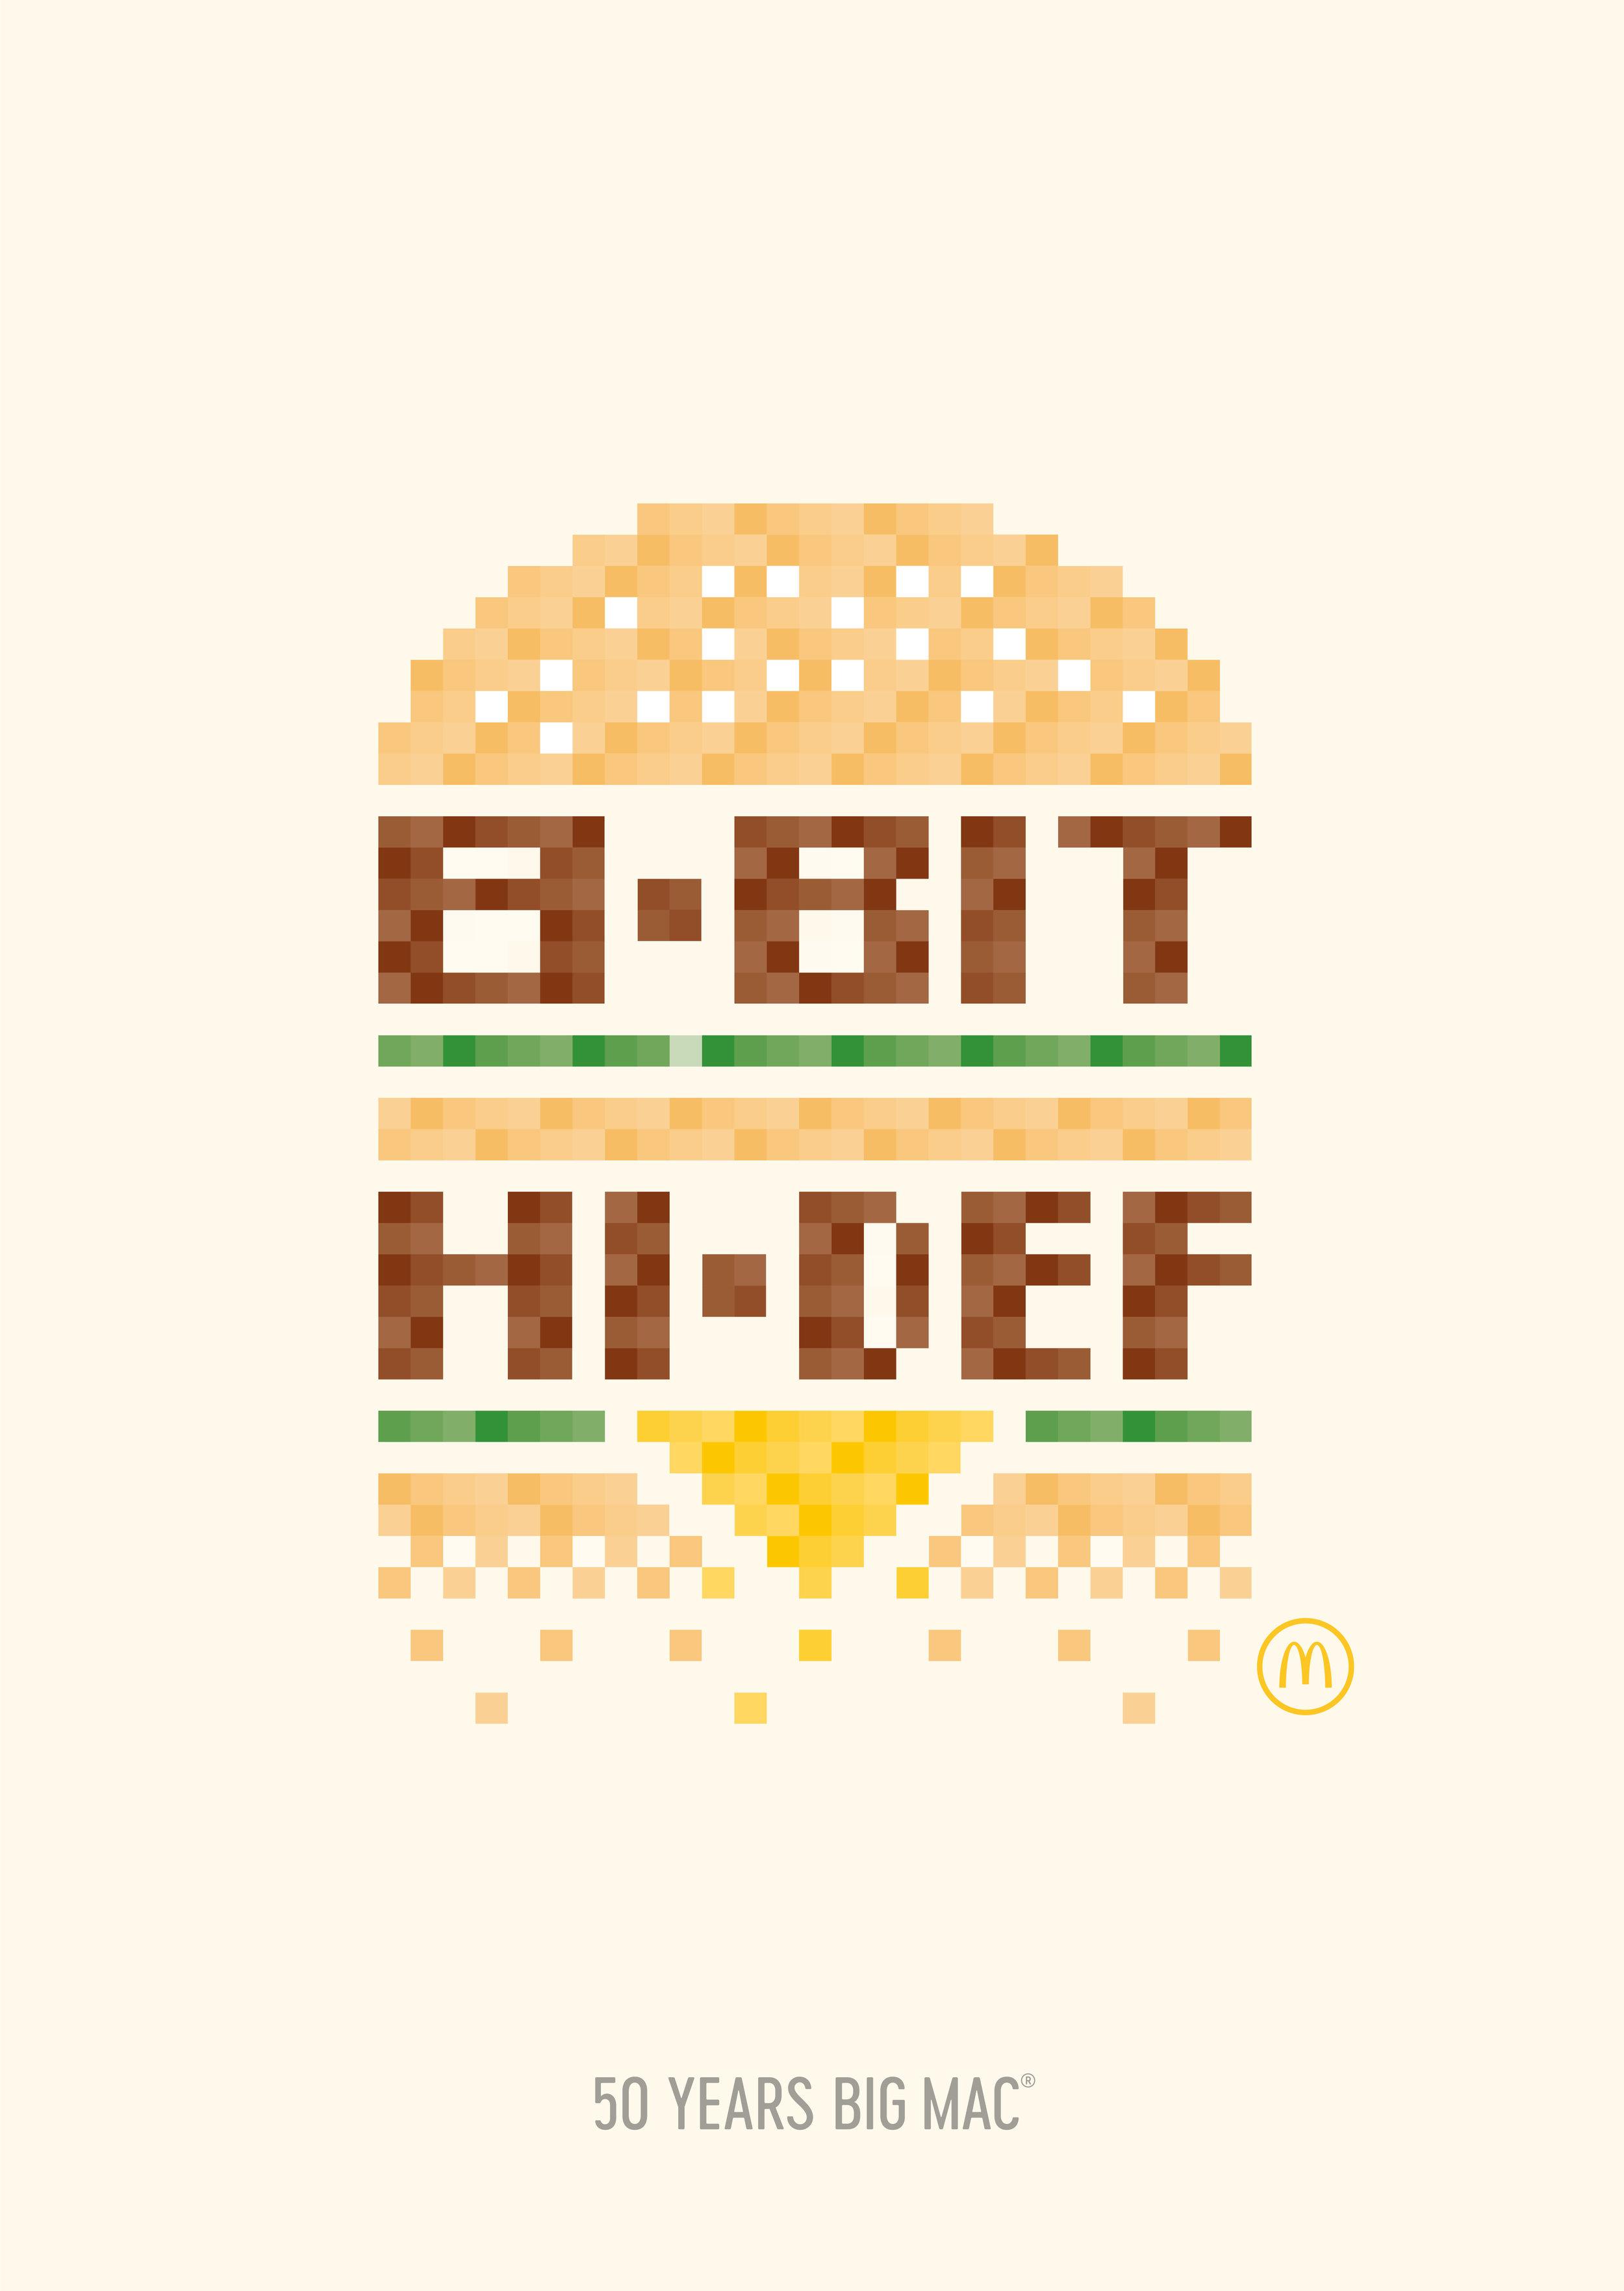 10_8-Bit:Hi-Def.jpg